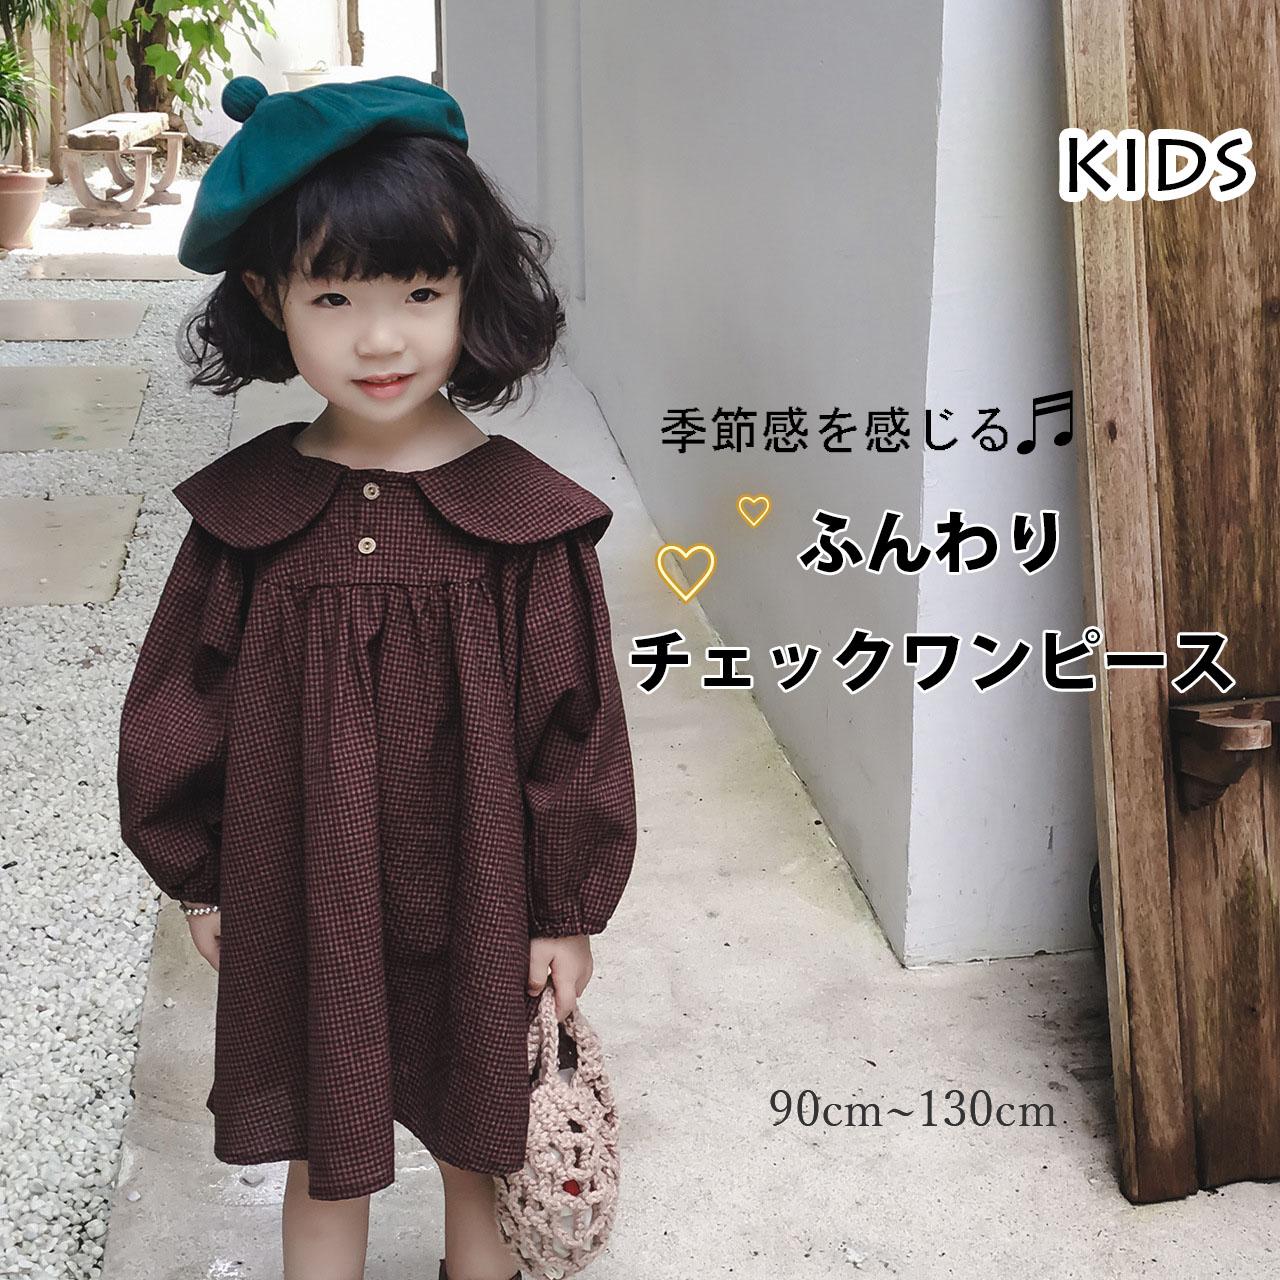 2020秋新作 韓国風 子供服 女の子 可愛いキッズ コットン シャツ ワンピース 長袖 丸い襟 チェック柄